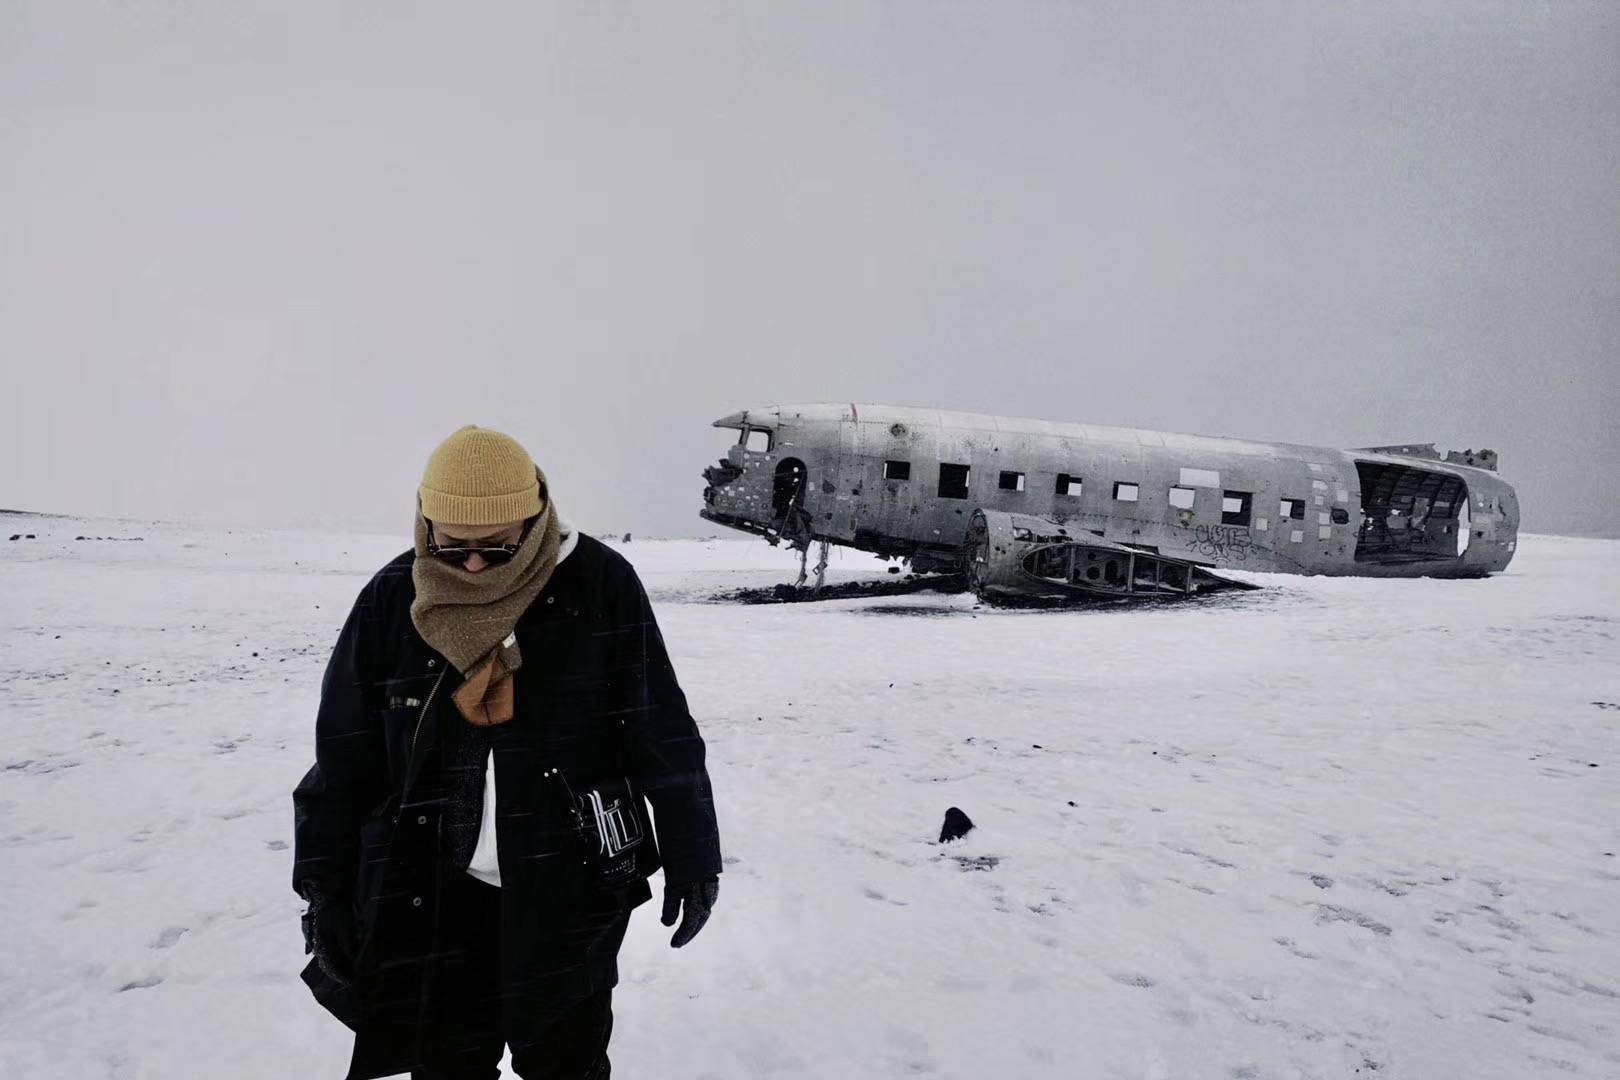 旅行vlog:去过冰岛之后才发现它并不只是目的地!